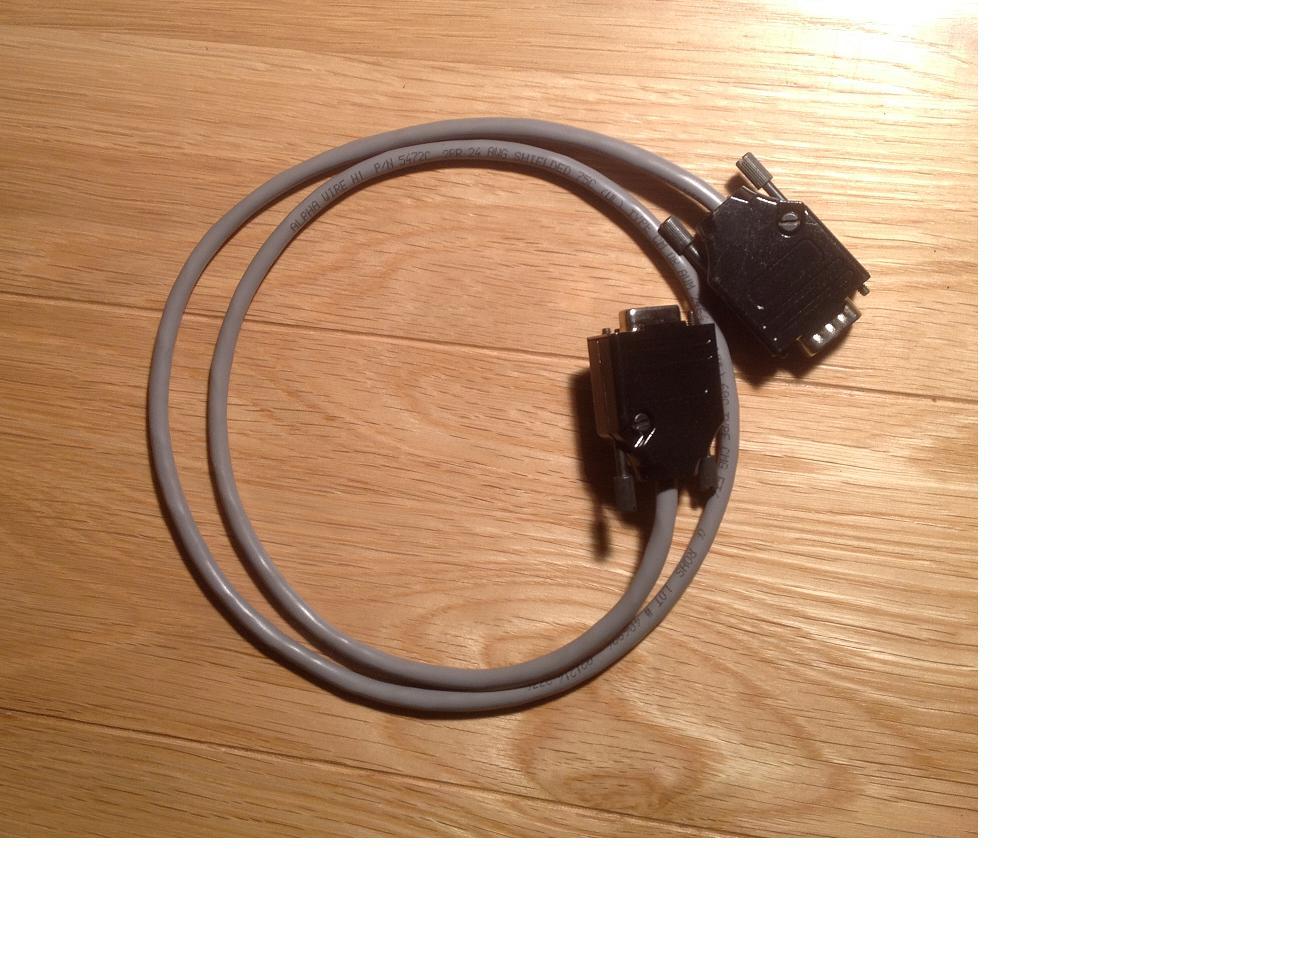 TVR Cerbera ECU cable